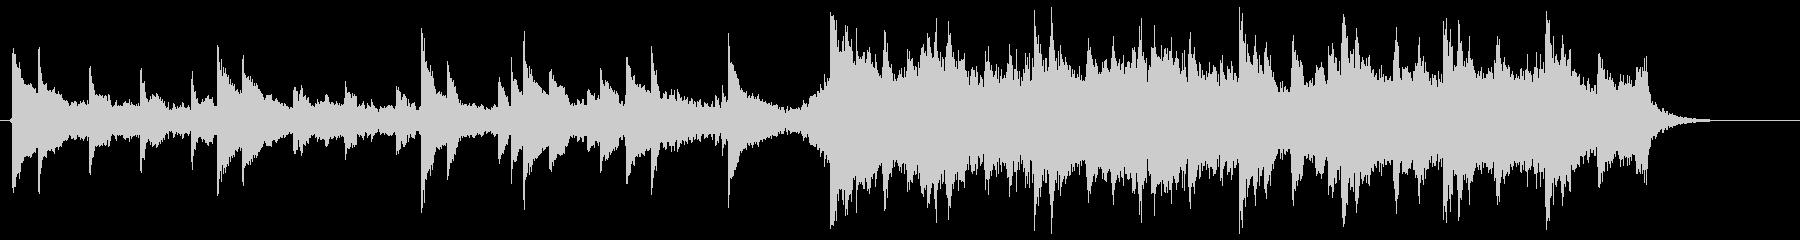 エモーショナルオーケストラ/ヴァースの未再生の波形